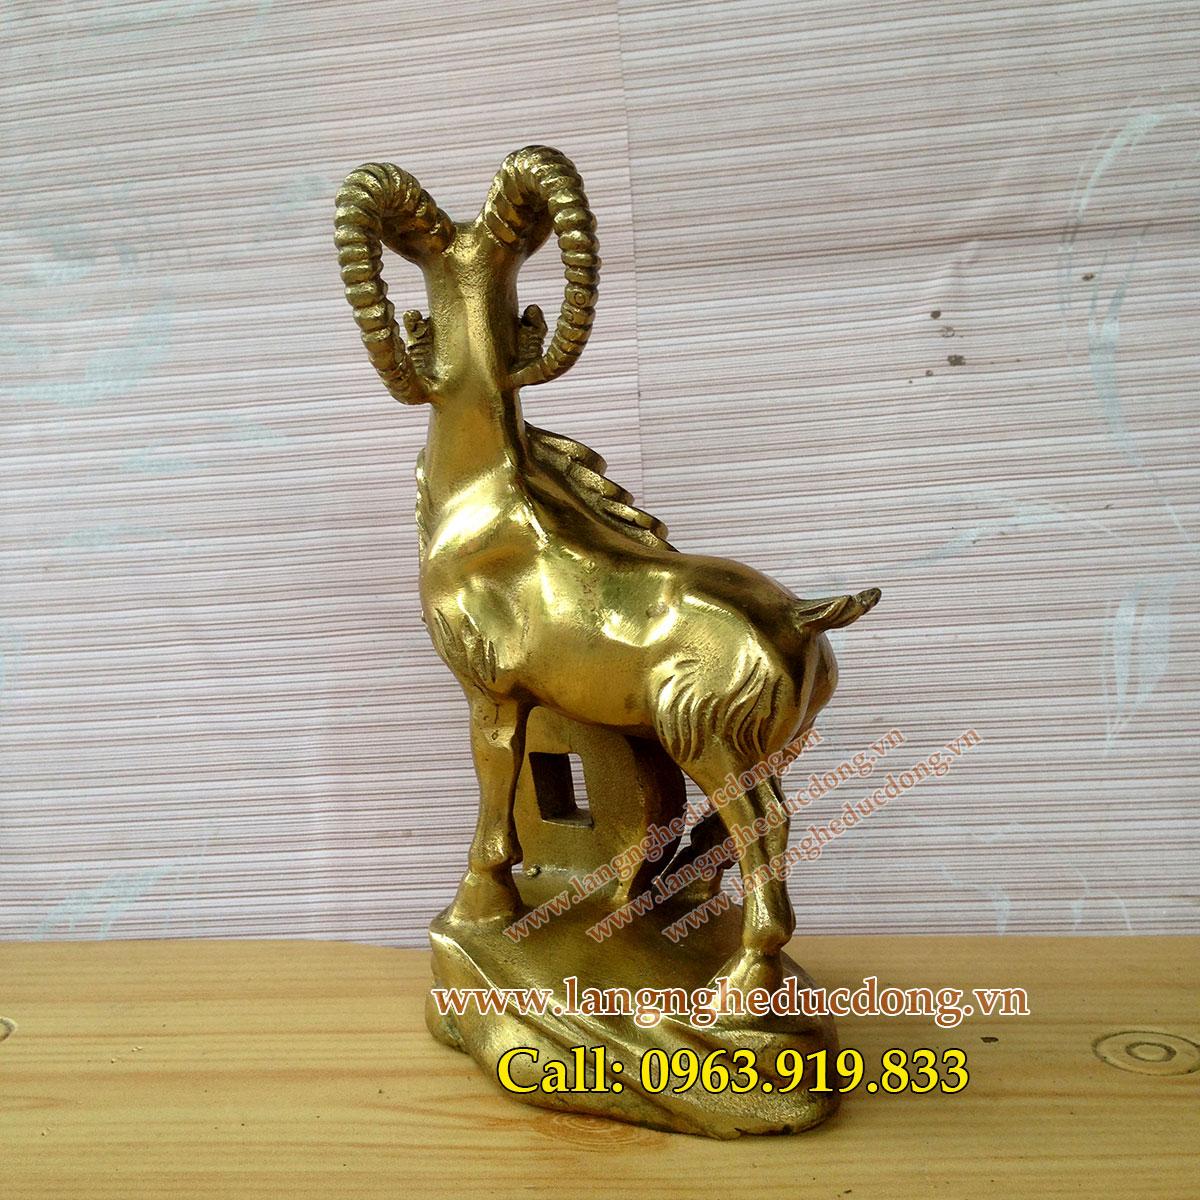 langngheducdong.vn - Tượng dê đồng phong thủy đứng ngậm tiền 15cm, dê bằng đồng